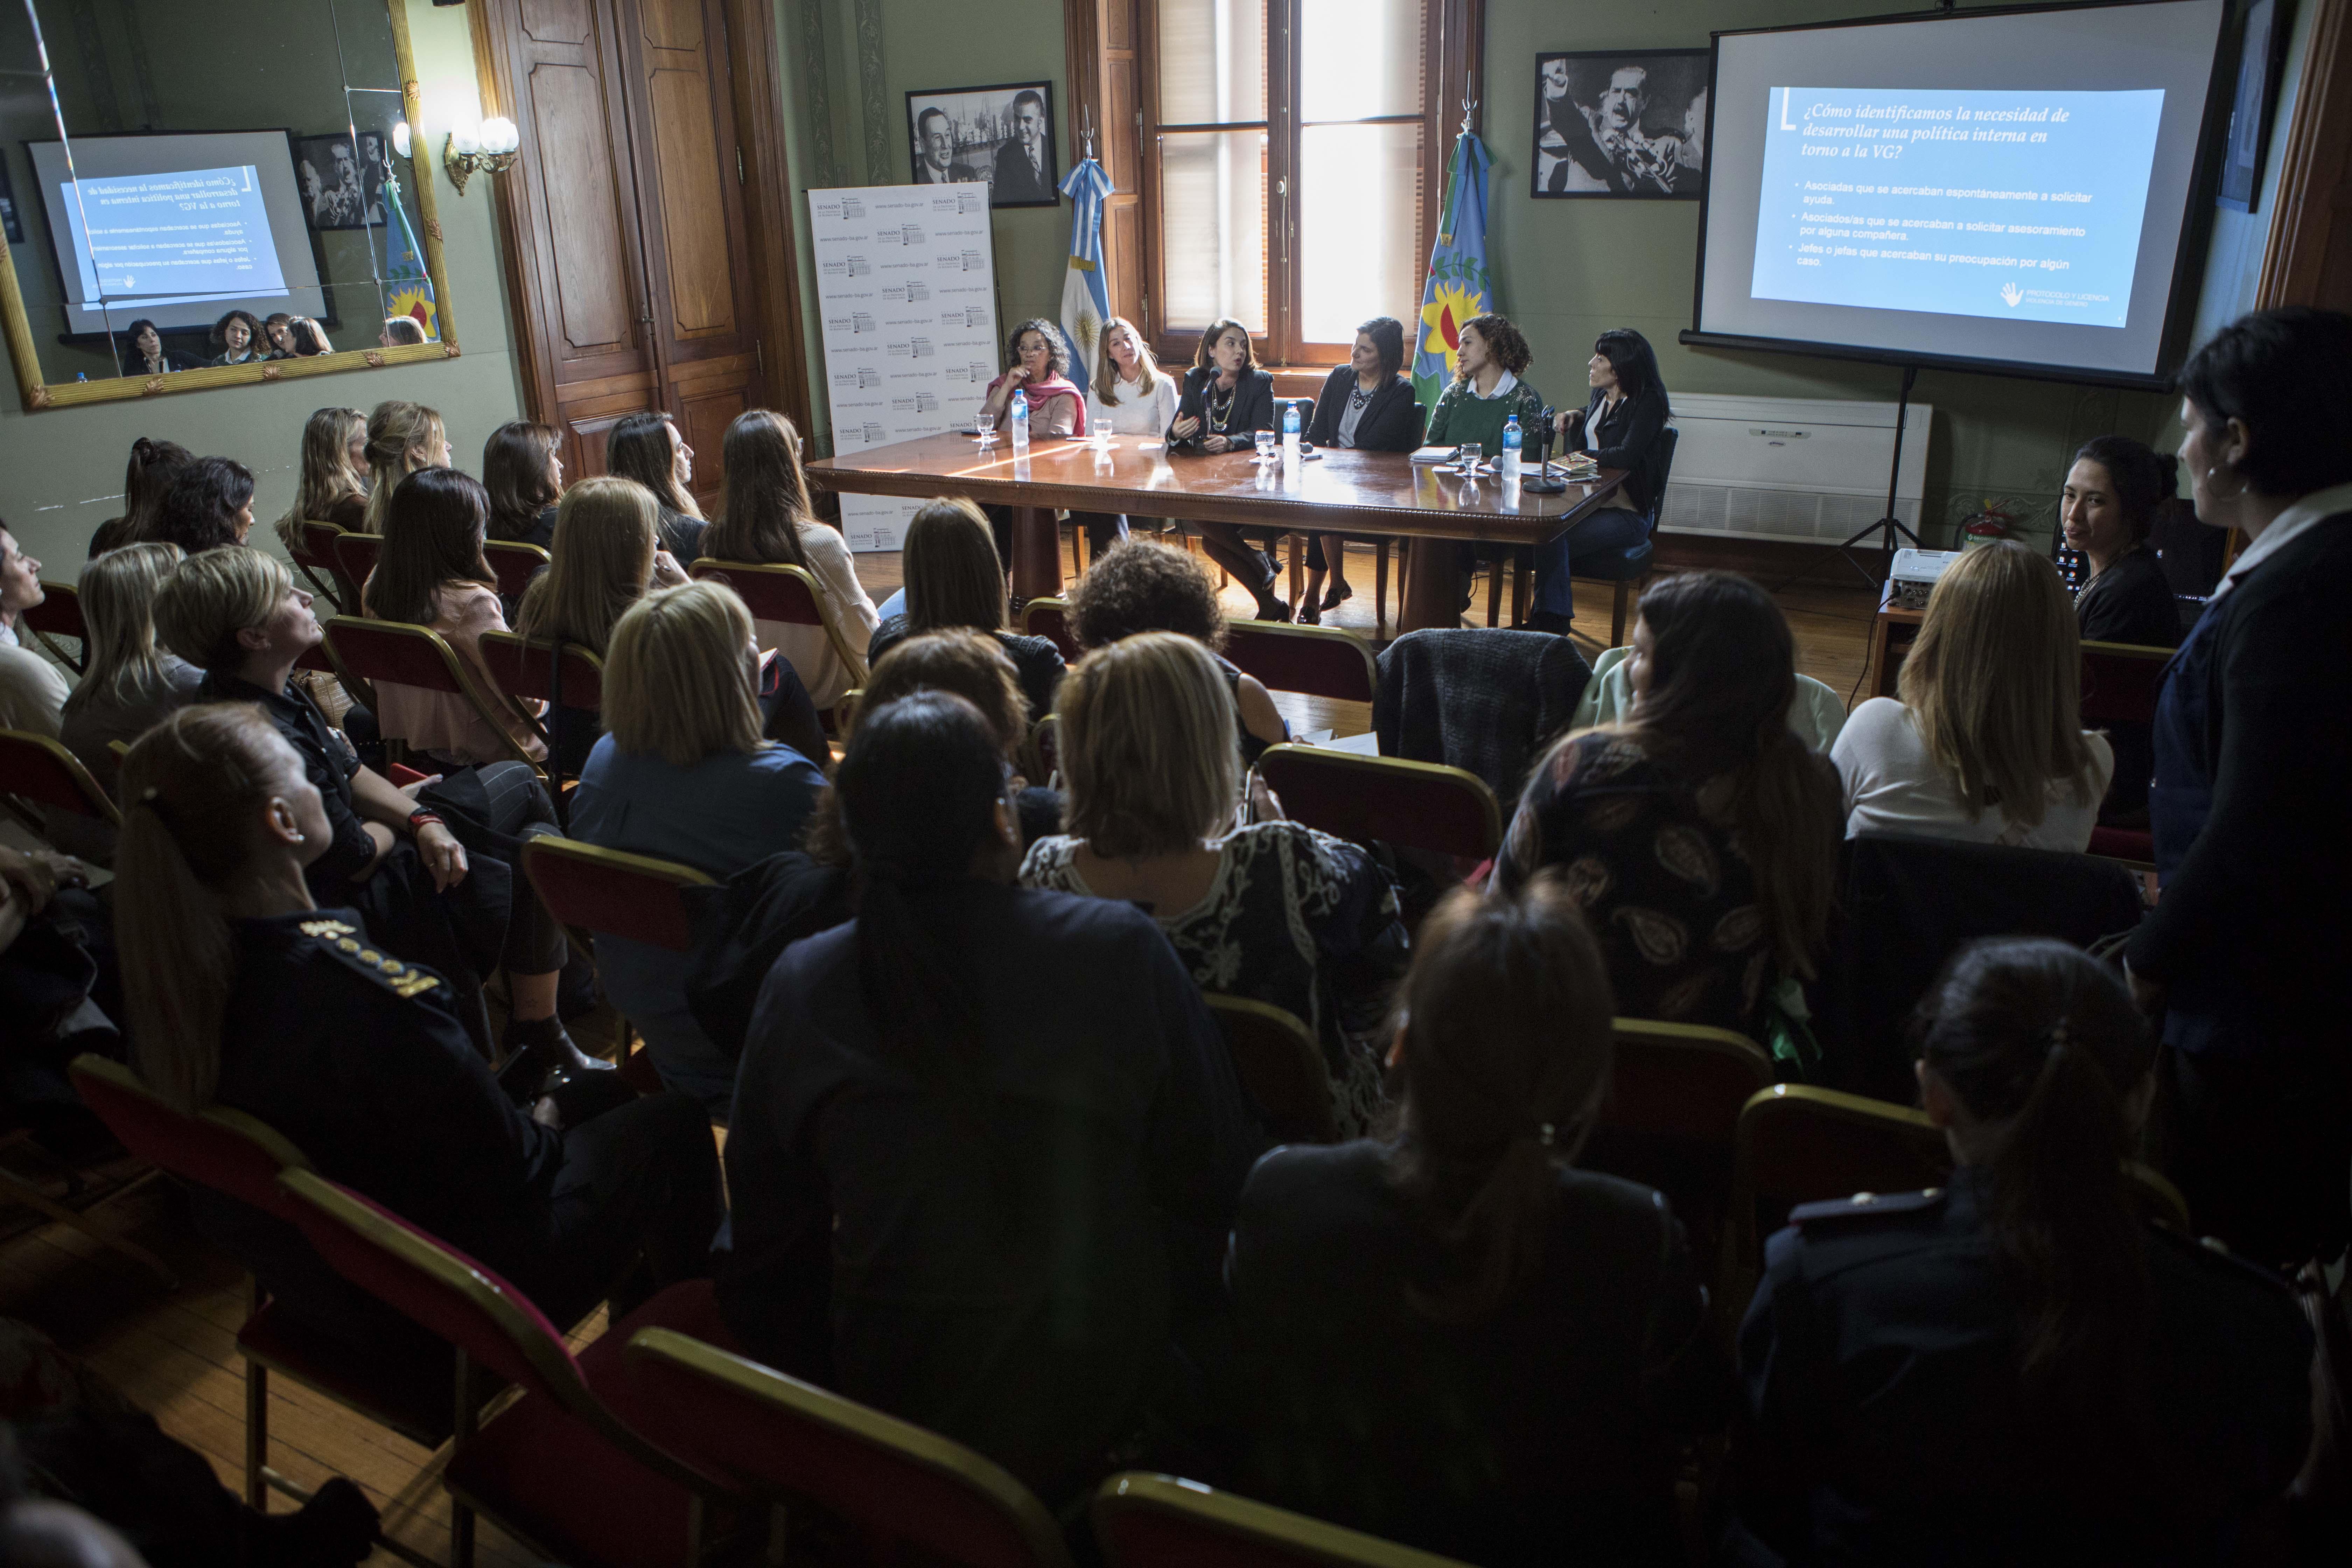 """Gala Díaz Langou (CIPPEC) como panelista en el evento """"Políticas inclusivas hacia la igualdad en el sector privado"""""""